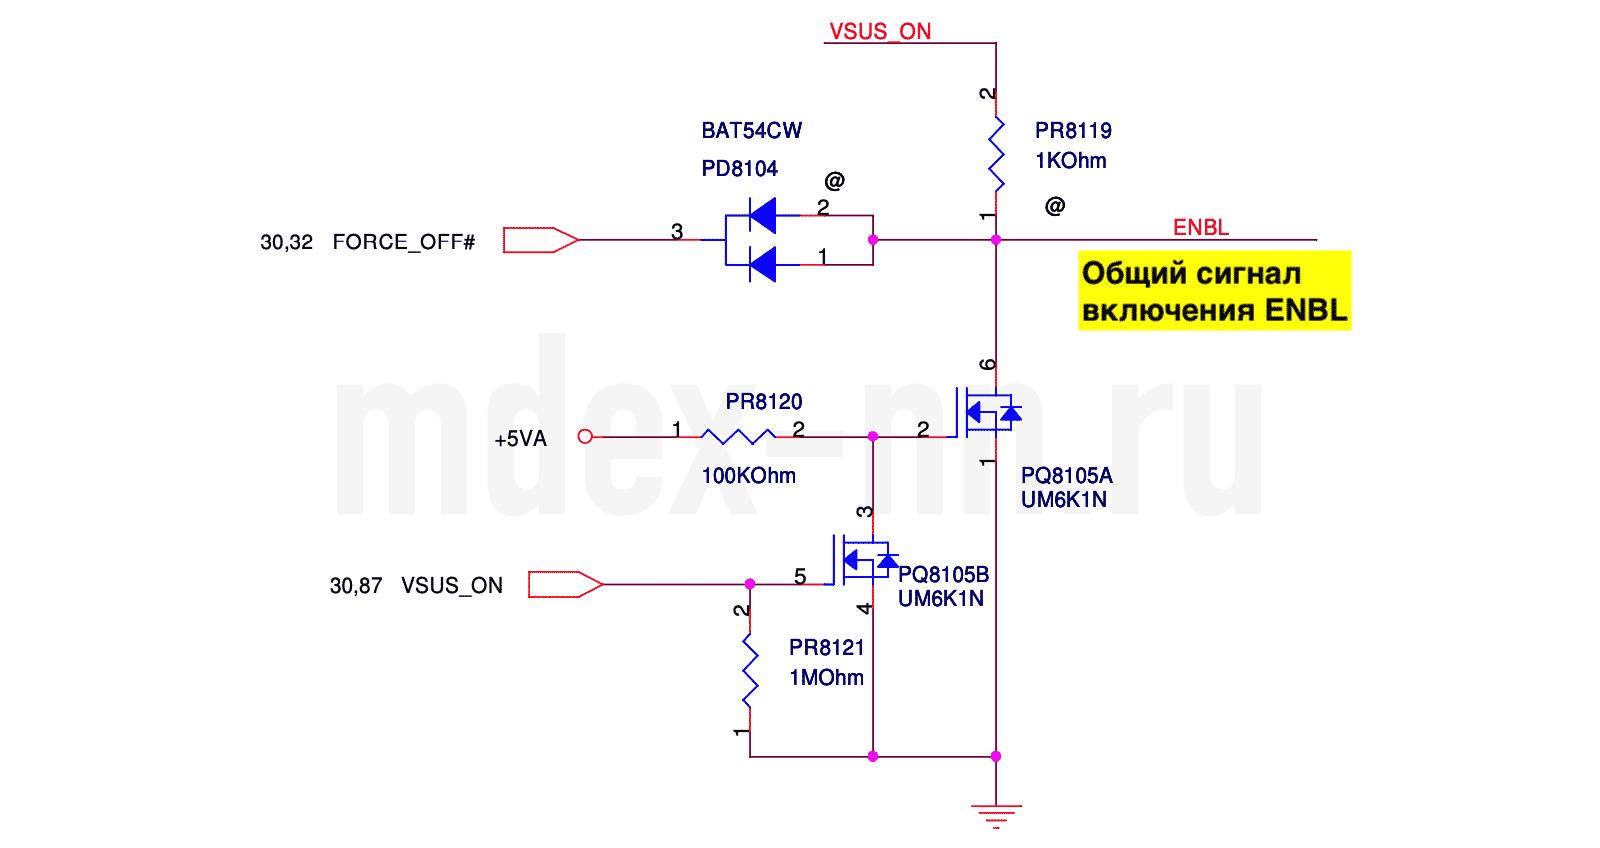 сигнал включения шима дежурки ENBL